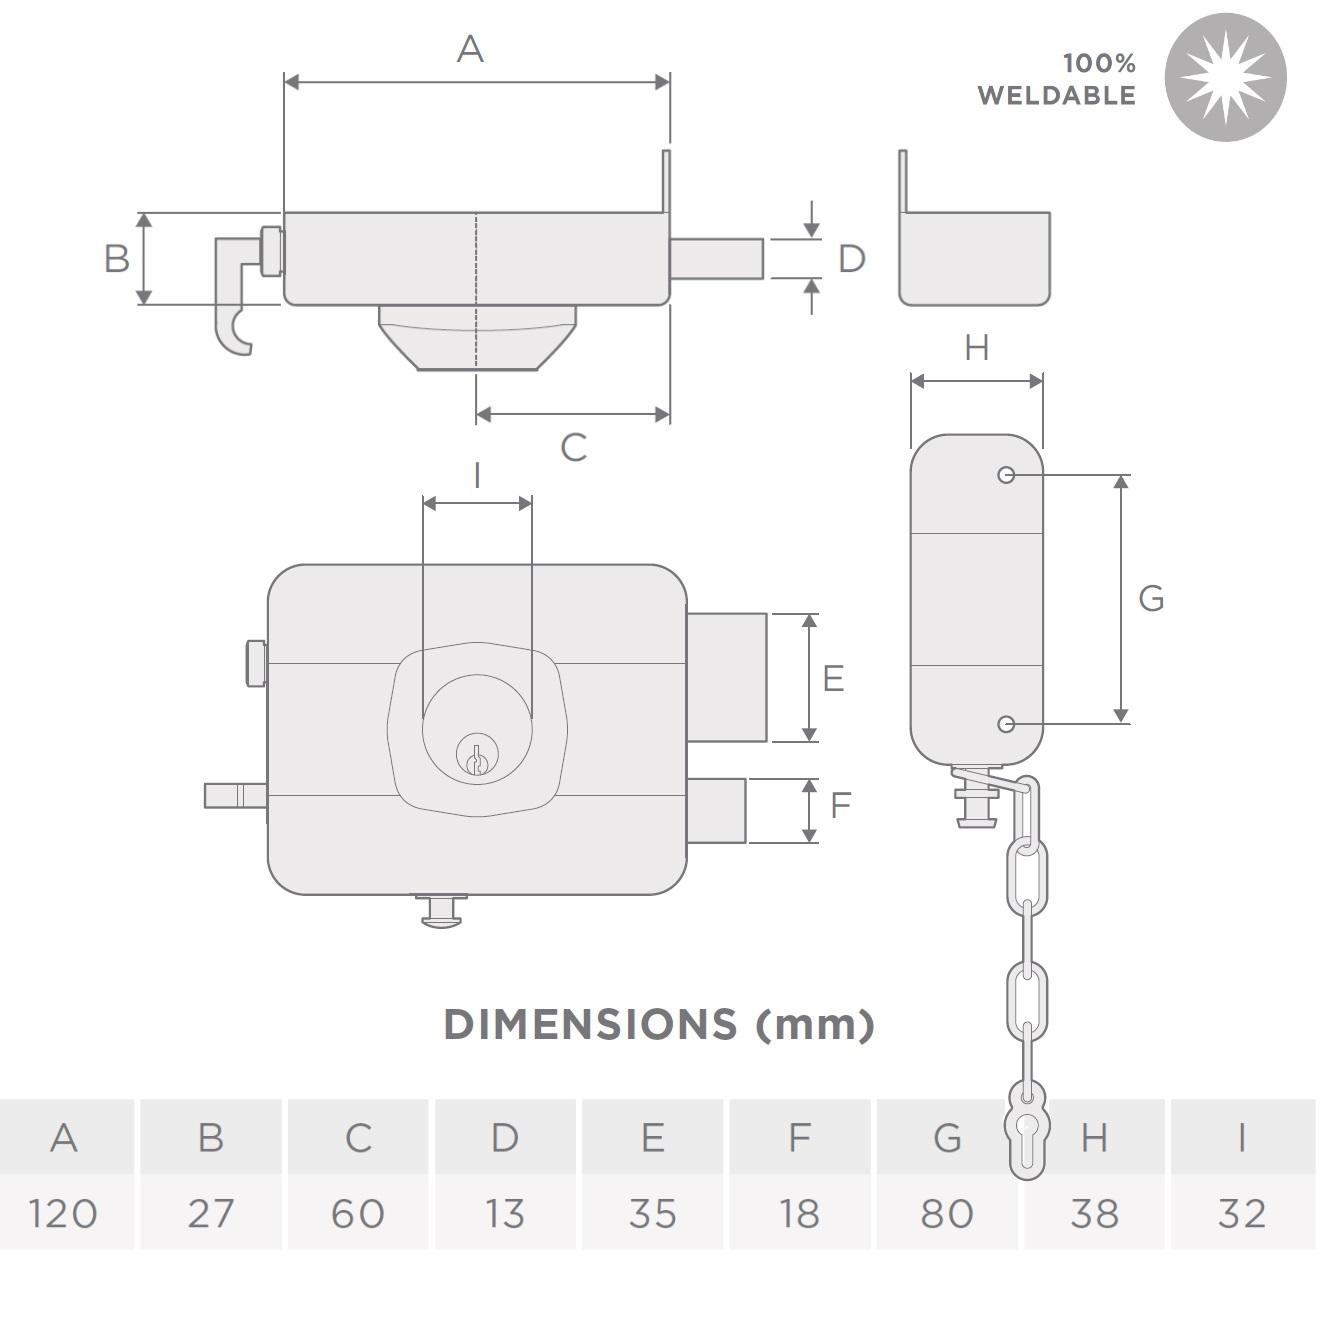 single-bolt-60mm-backset-dimension-geo